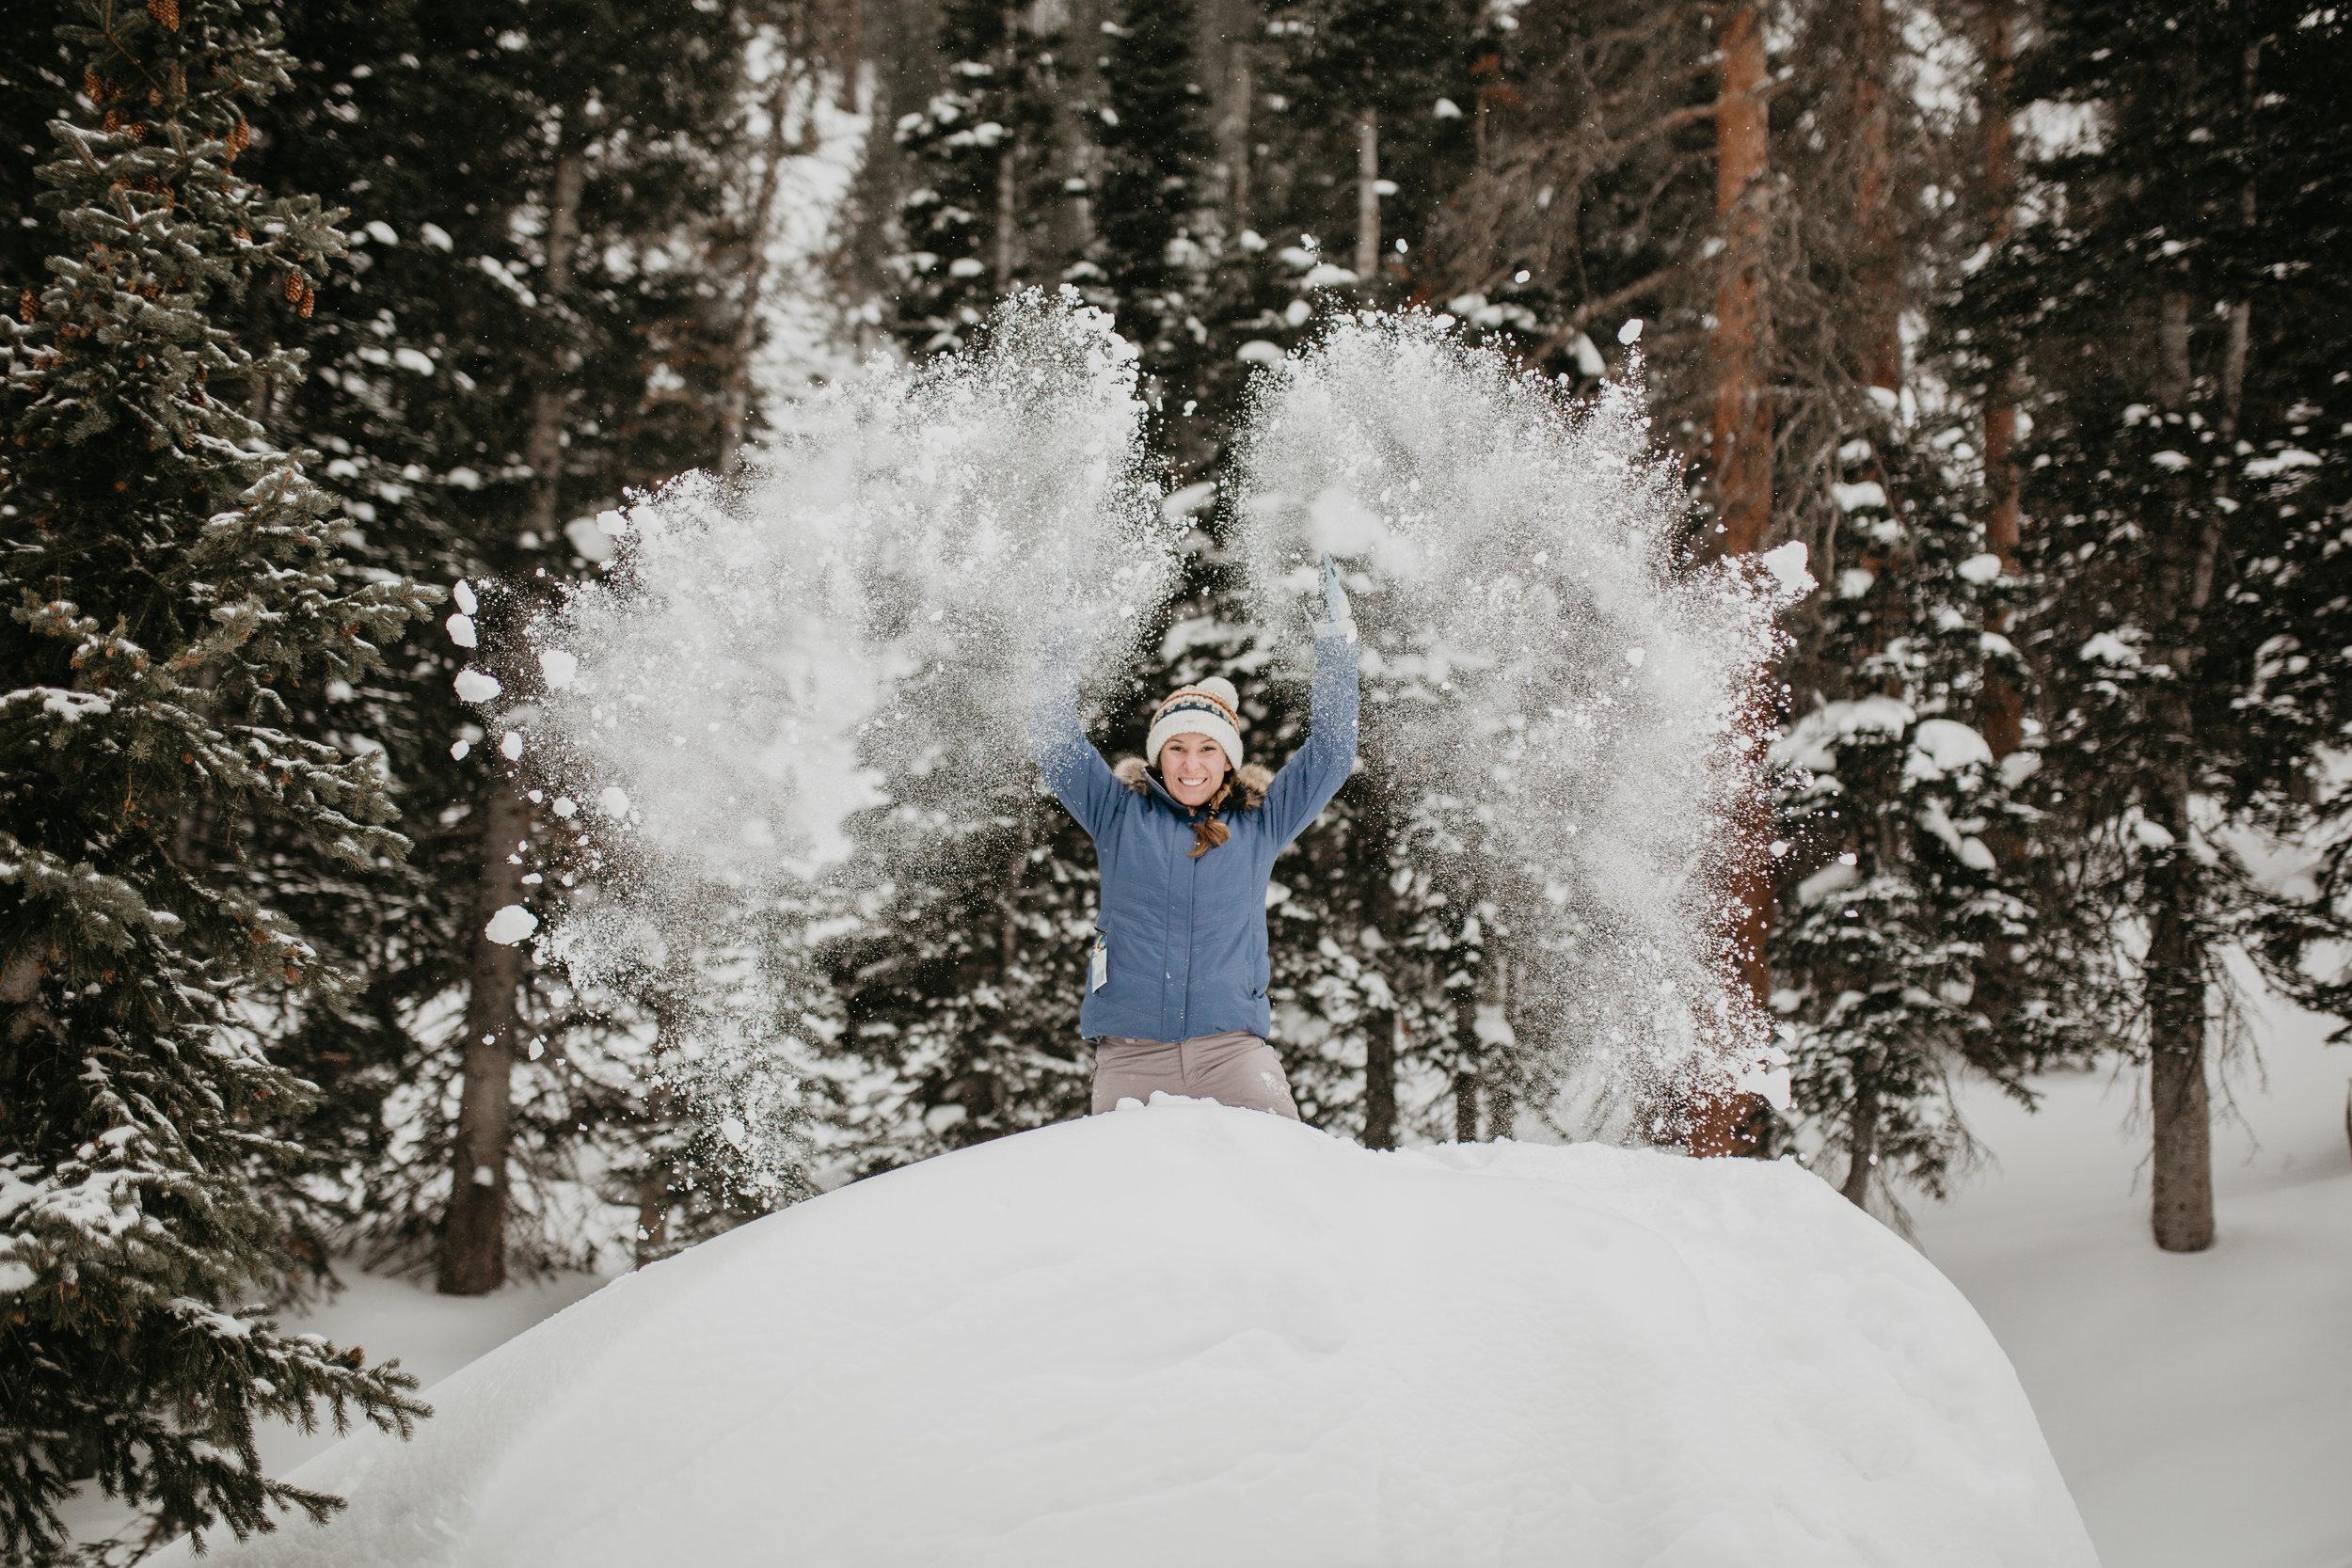 snow-1 2.JPG